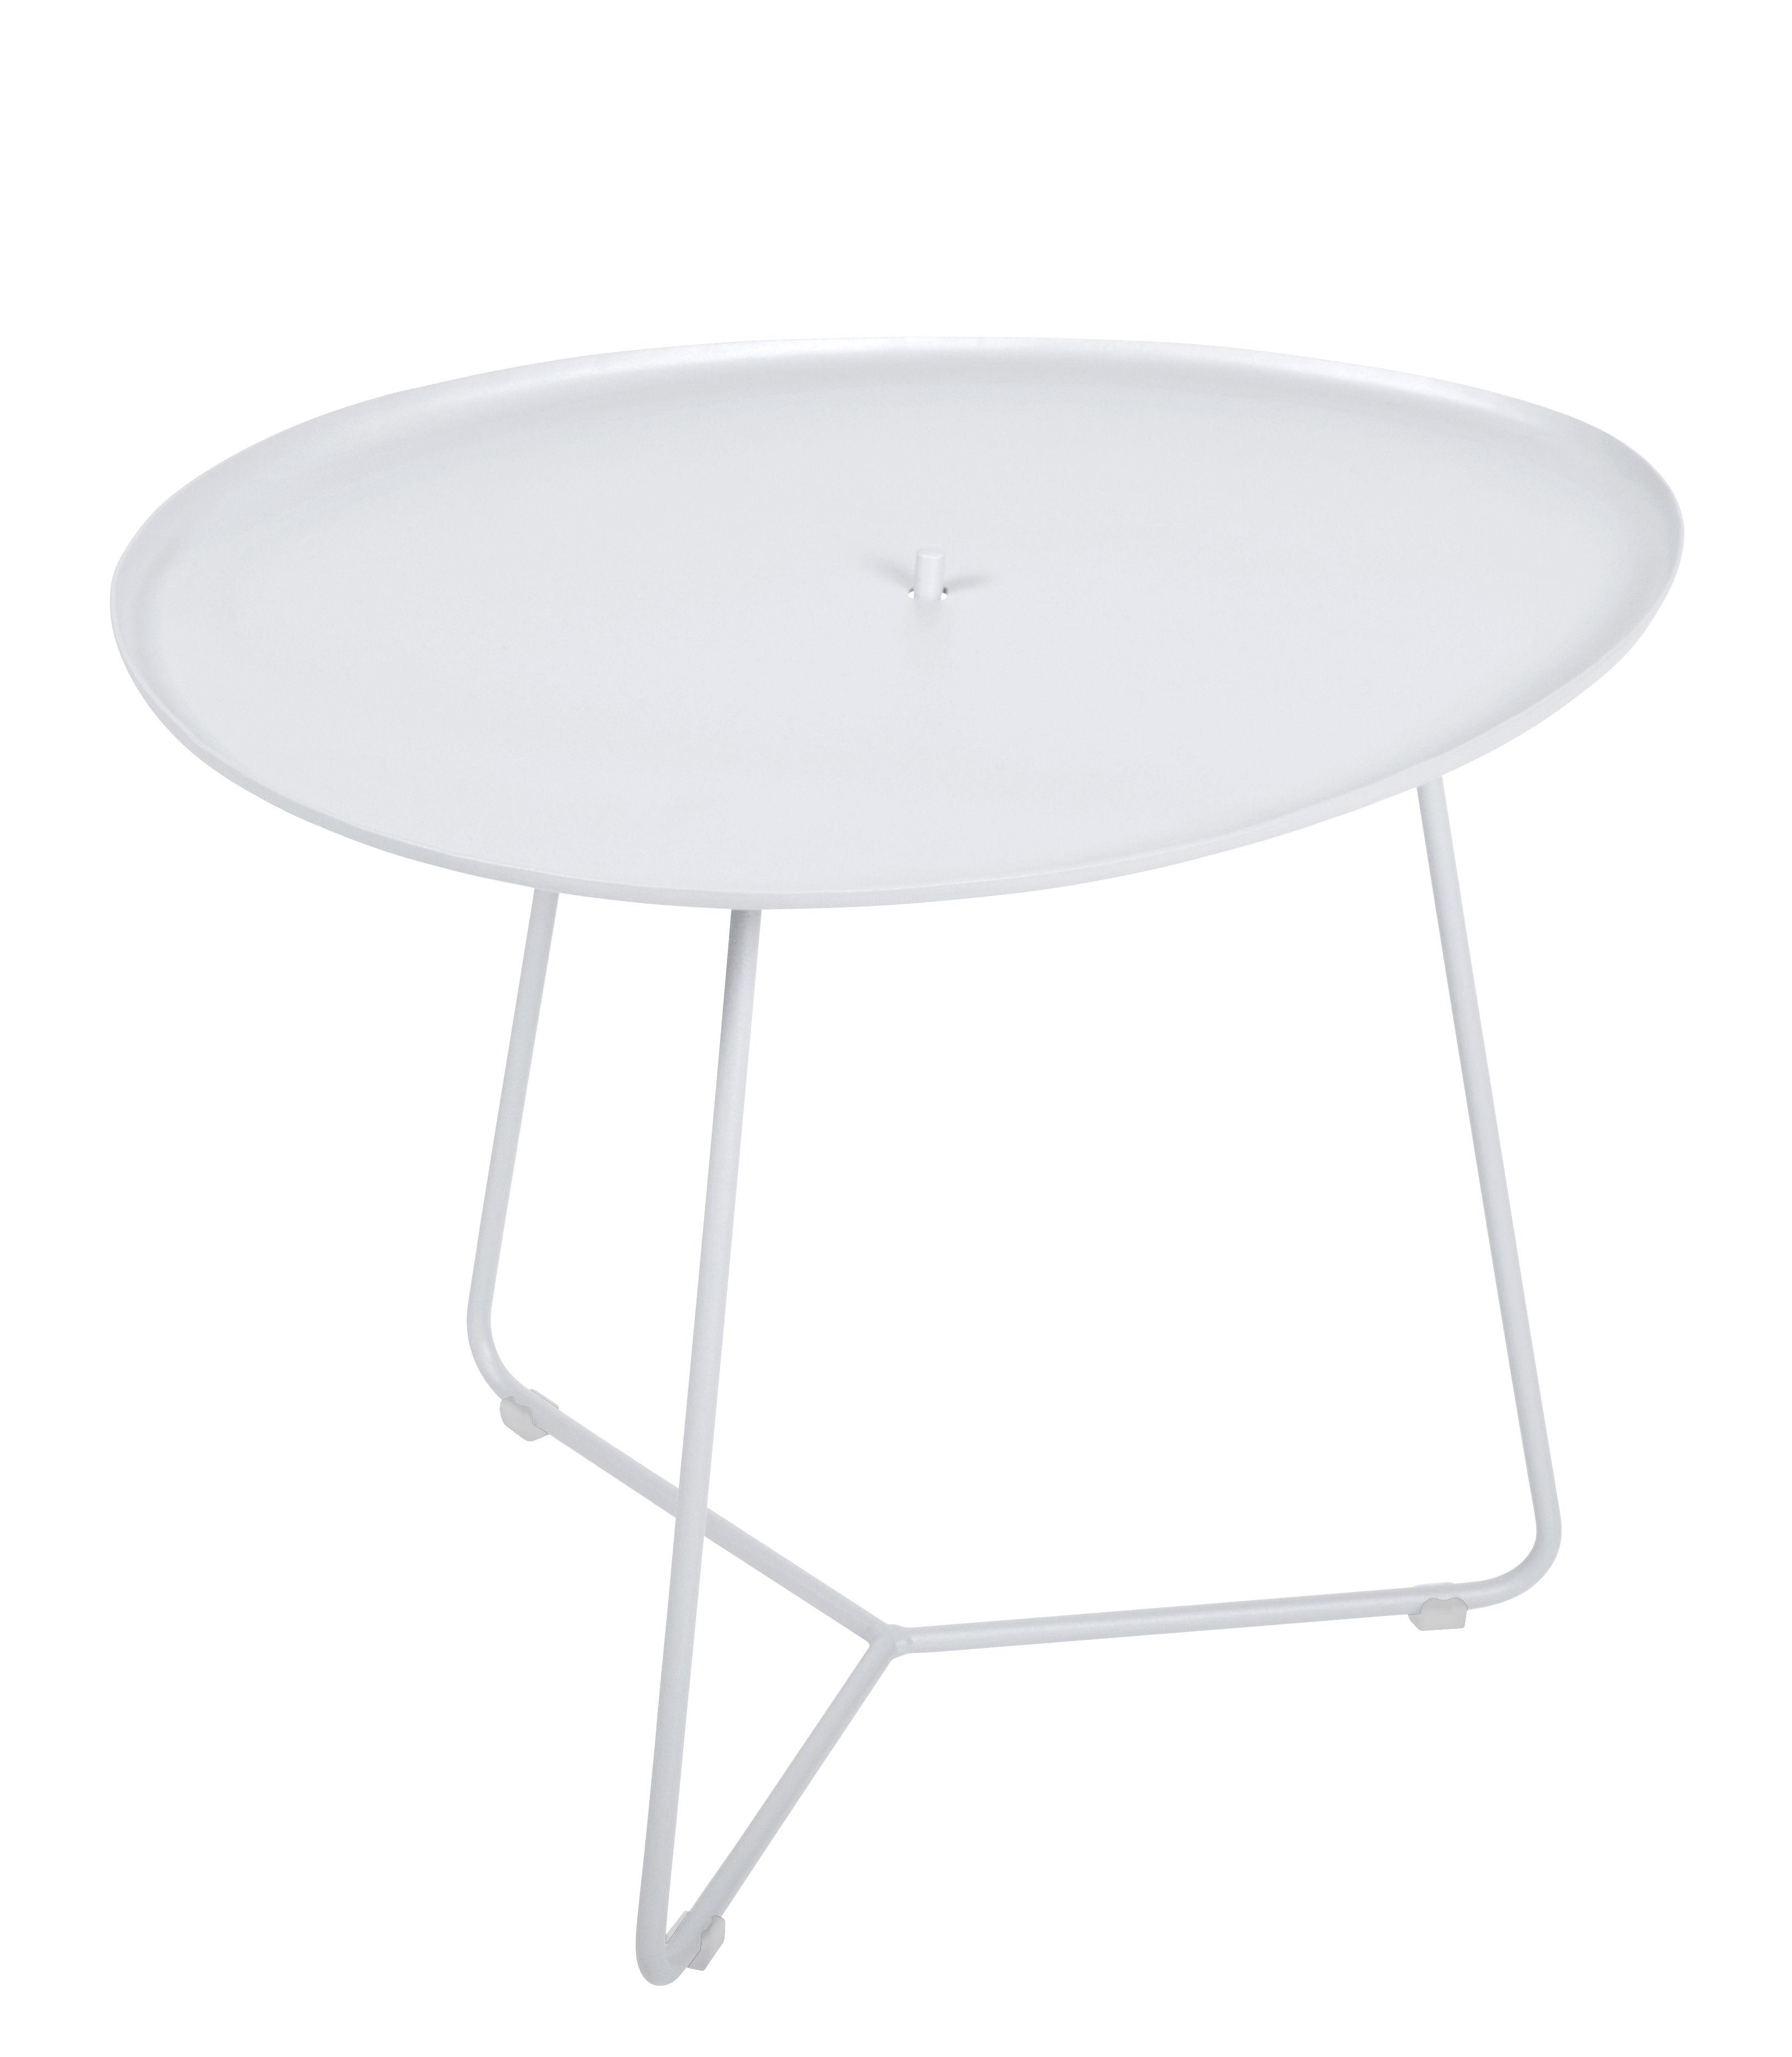 Möbel - Couchtische - Cocotte Couchtisch / L 55 cm x H 43,5 cm - abnehmbare Tischplatte - Fermob - Baumwollweiß - bemalter Stahl